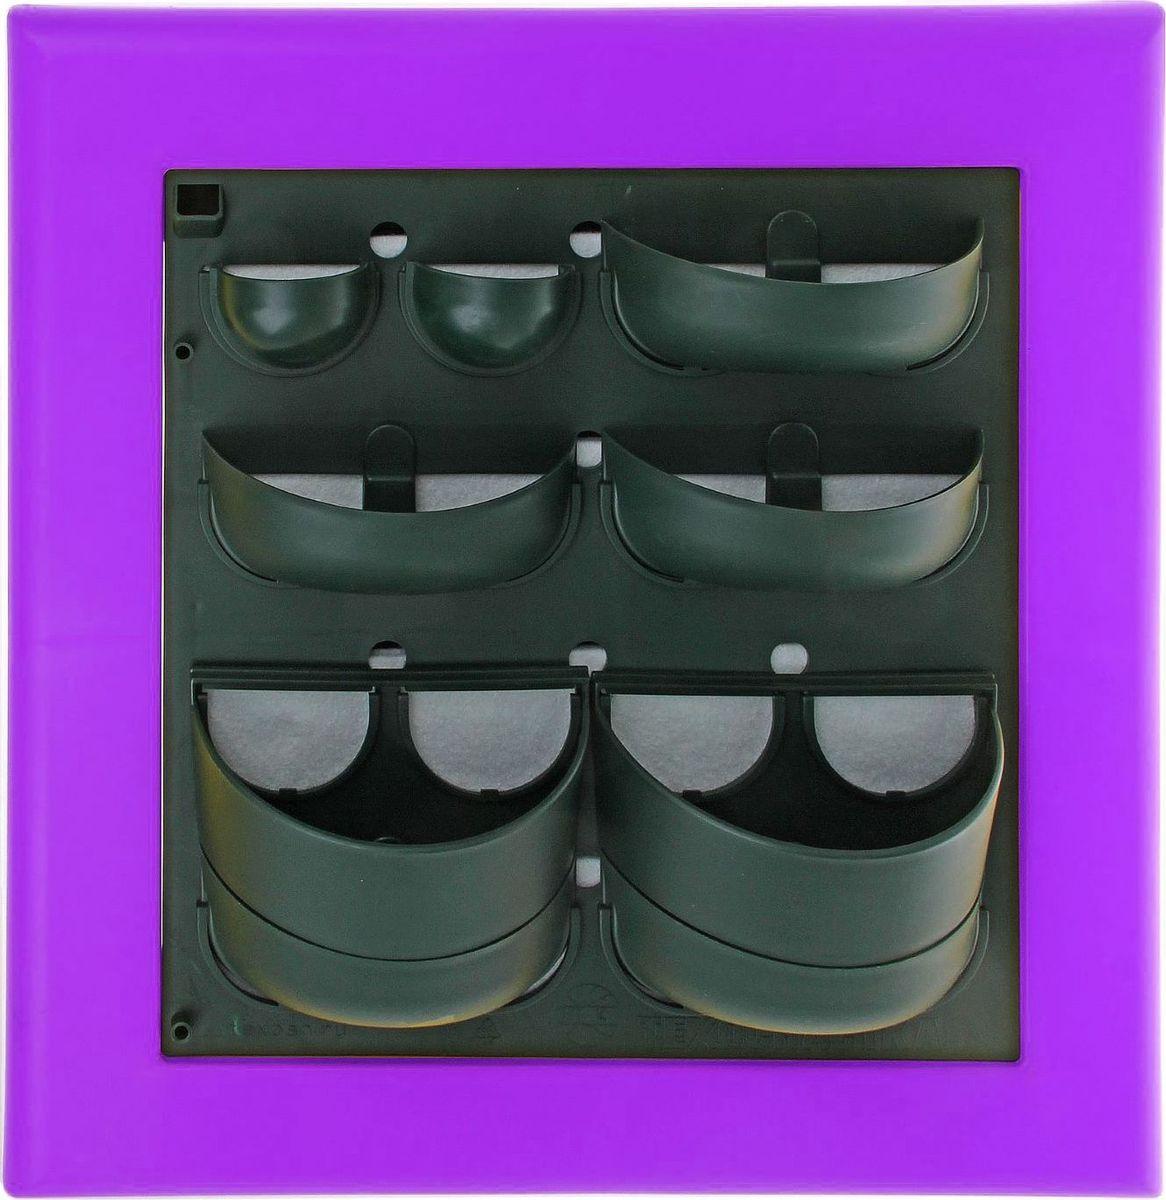 Кашпо Техоснастка Фитокартина, настенное, цвет: сиреневый, 59 х 58 х 13 см1533687Любой, даже самый современный и продуманный интерьер не будет выглядеть завершённым без растений. Они не только очищают воздух и насыщают кислородом, но и заметно украшают окружающее пространство. Такому полезному &laquo члену семьи&raquoпросто необходим красивый и функциональный &laquo дом&raquo . Наше предложение &mdashфитокартина! Благодаря съёмным блокам-кашпо вы сможете создать любую композицию на свой вкус. Как собирать? Распакуйте фитопанель, подготовьте необходимое количество растений.Возьмите маленький горшок и разместите в нем водопроводящий картридж (входит в комплект).Разместите подходящее по размеру растение в горшке.Поместите картридж с растением между передней частью панели и капиллярным матом.Закрепите горшок с растением на фитомодуле.Вставив в каждую выемку картридж, закрепите на фитомодуле нижнюю часть большого горшка.Затем так же закрепите верхнюю часть большого горшка строго над нижней.Посадите в большой горшок выбранное растение. Ваша фитокартина готова!Фотоинструкция.Рекомендации по поливу Вставьте в левый нижний угол водоотводящую трубку. Медленно заливайте воду в панно через поливочное отверстие. Как только она покажется в трубке, прекратите полив. Опустив трубку вниз, можно слить ненужную жидкость обратно в лейку. Уберите трубку до следующего орошения. Режим полива зависит от температуры и влажности в помещении, состава грунта, интенсивности освещения, возраста и типа растения и многих других факторов. Частота может варьироваться от 2 до 4 недель. Чтобы растение легко прижилось в новом горшке, рекомендуем первые 3?4 недели производить полив не через трубку, а напрямую в грунт, используя лейку с узким носиком. Создавать красоту просто! Наполните свой дом прекрасными цветами, а мы позаботимся о низкой цене и высоком качестве от российского производителя.&nbsp